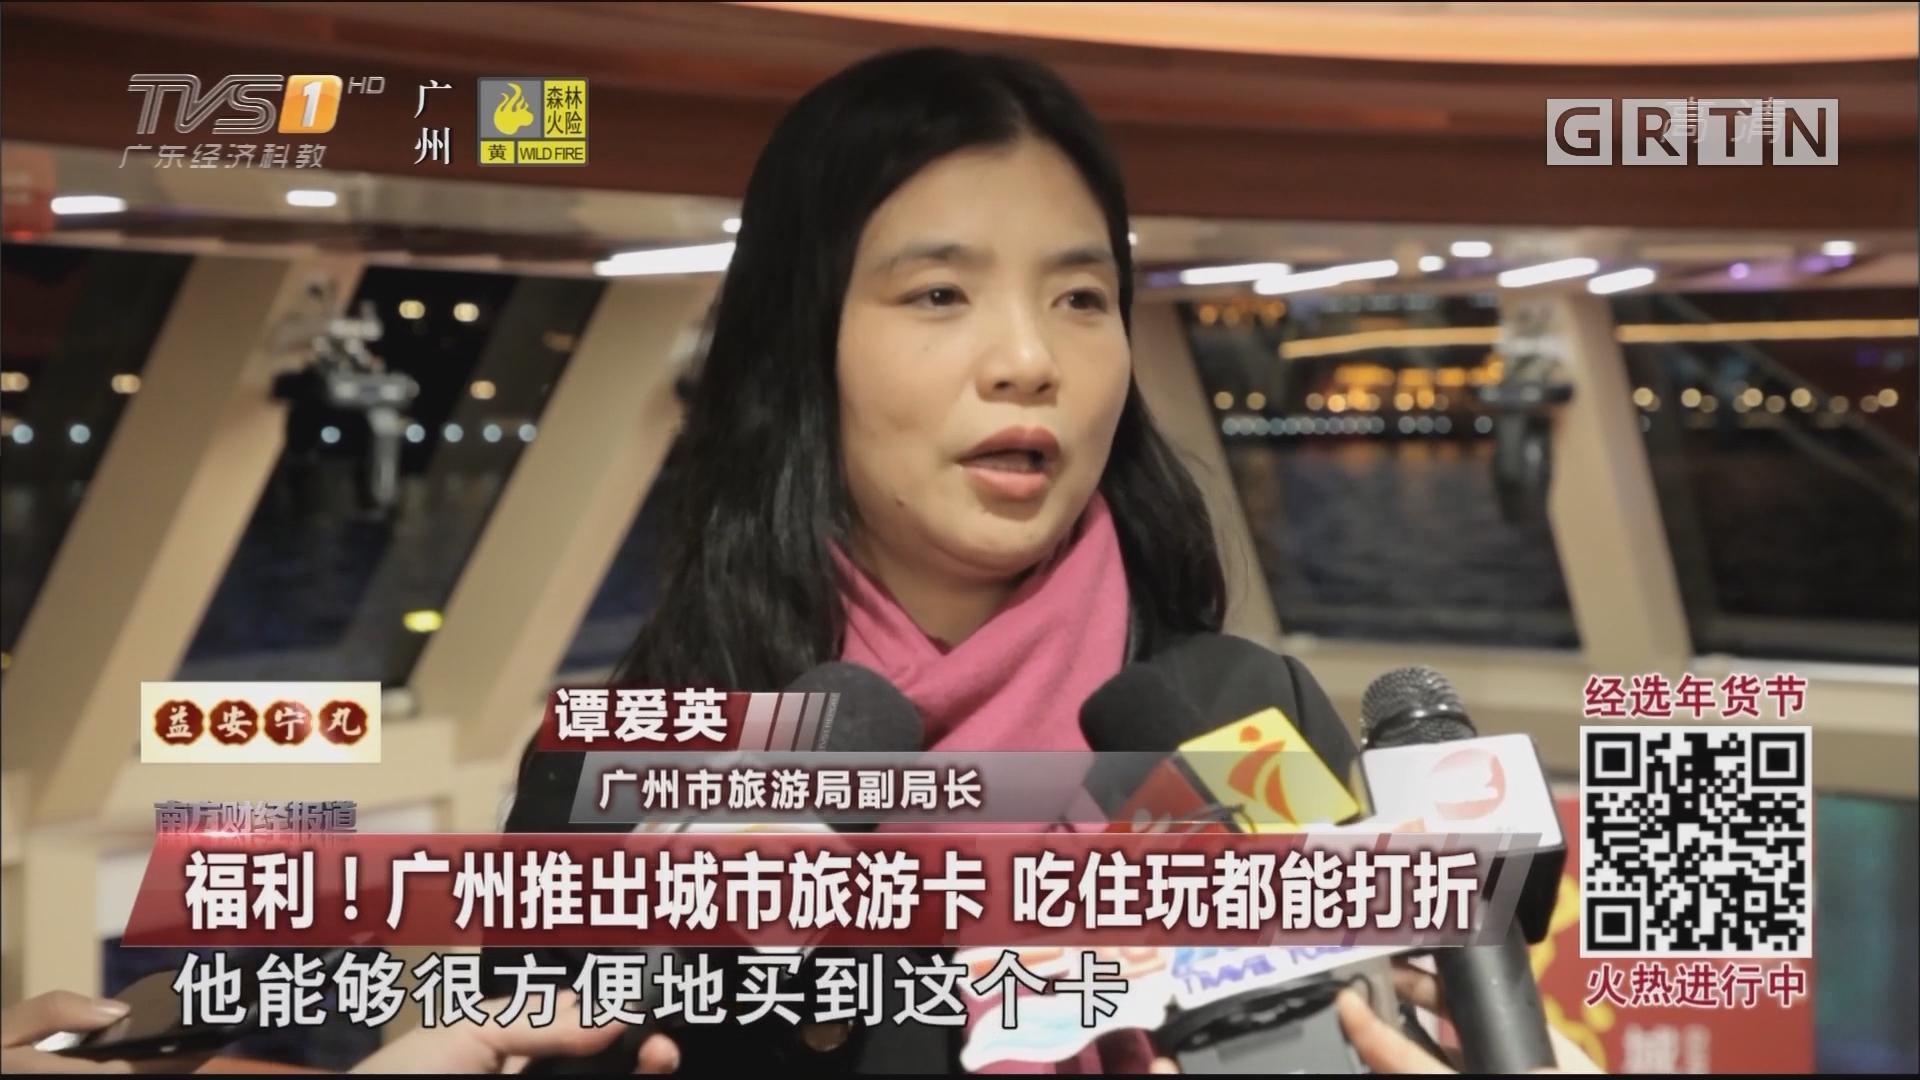 福利!广州推出城市旅游卡 吃住玩都能打折